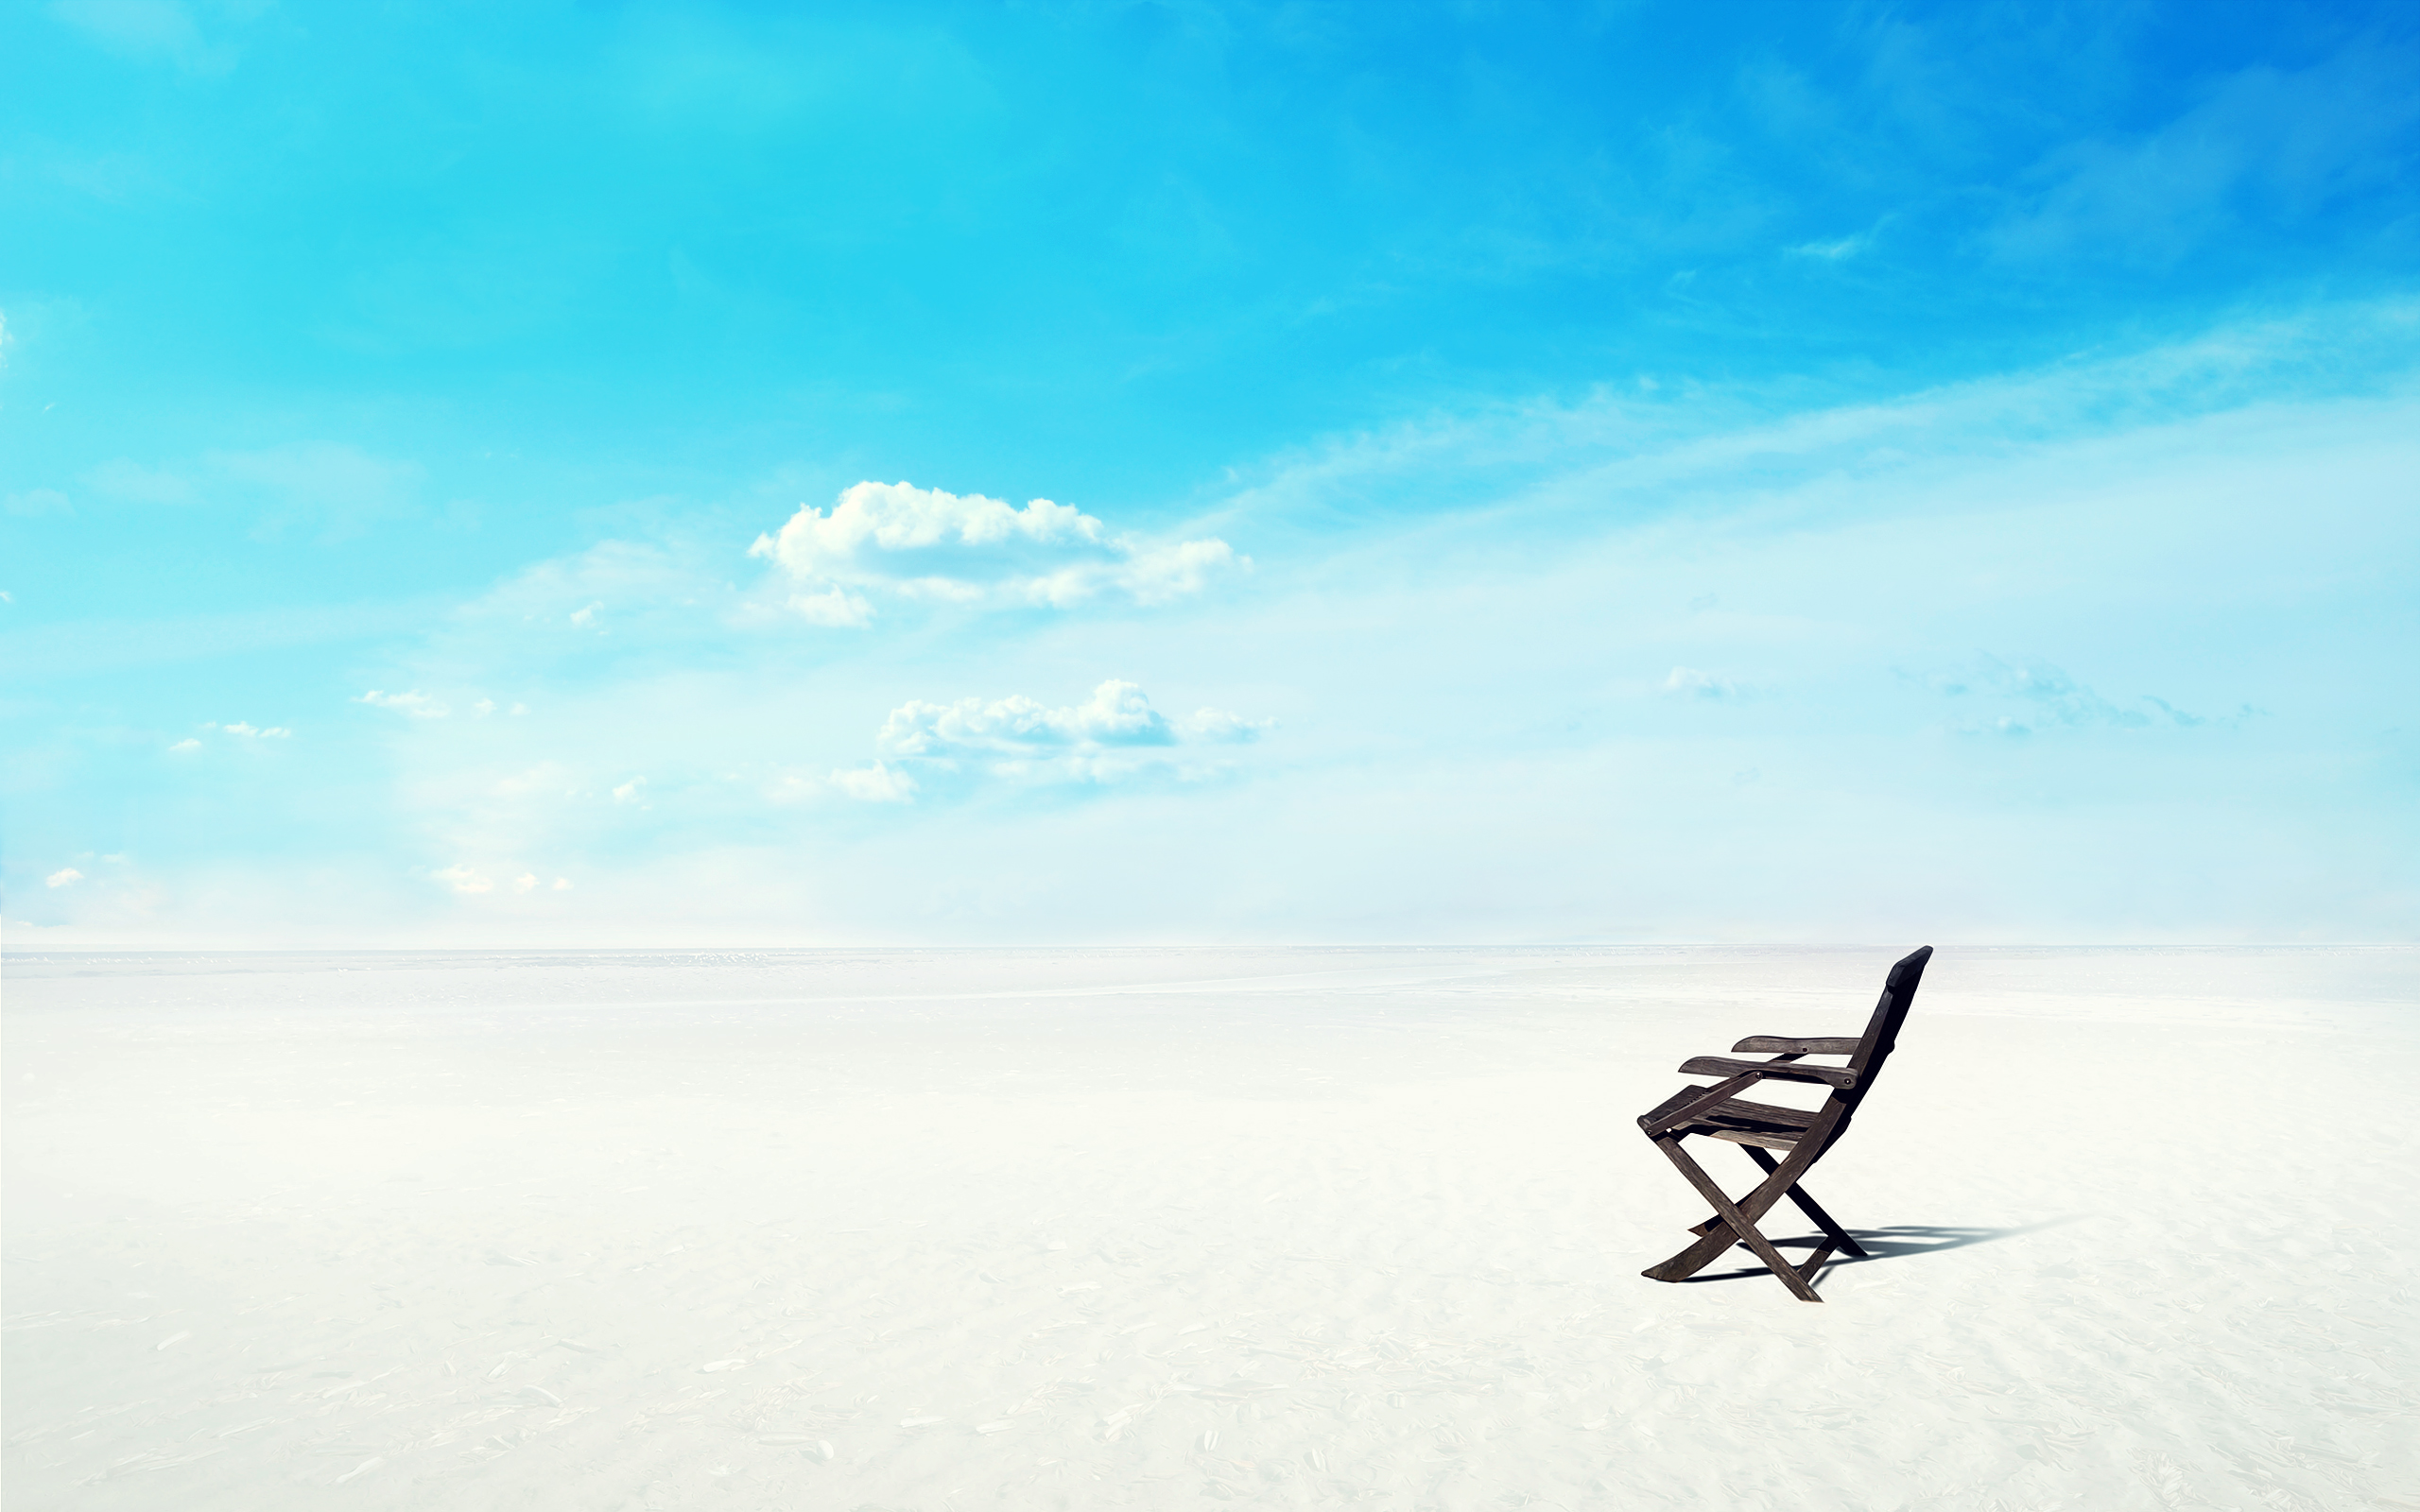 небо песок месяц  № 3914306 загрузить